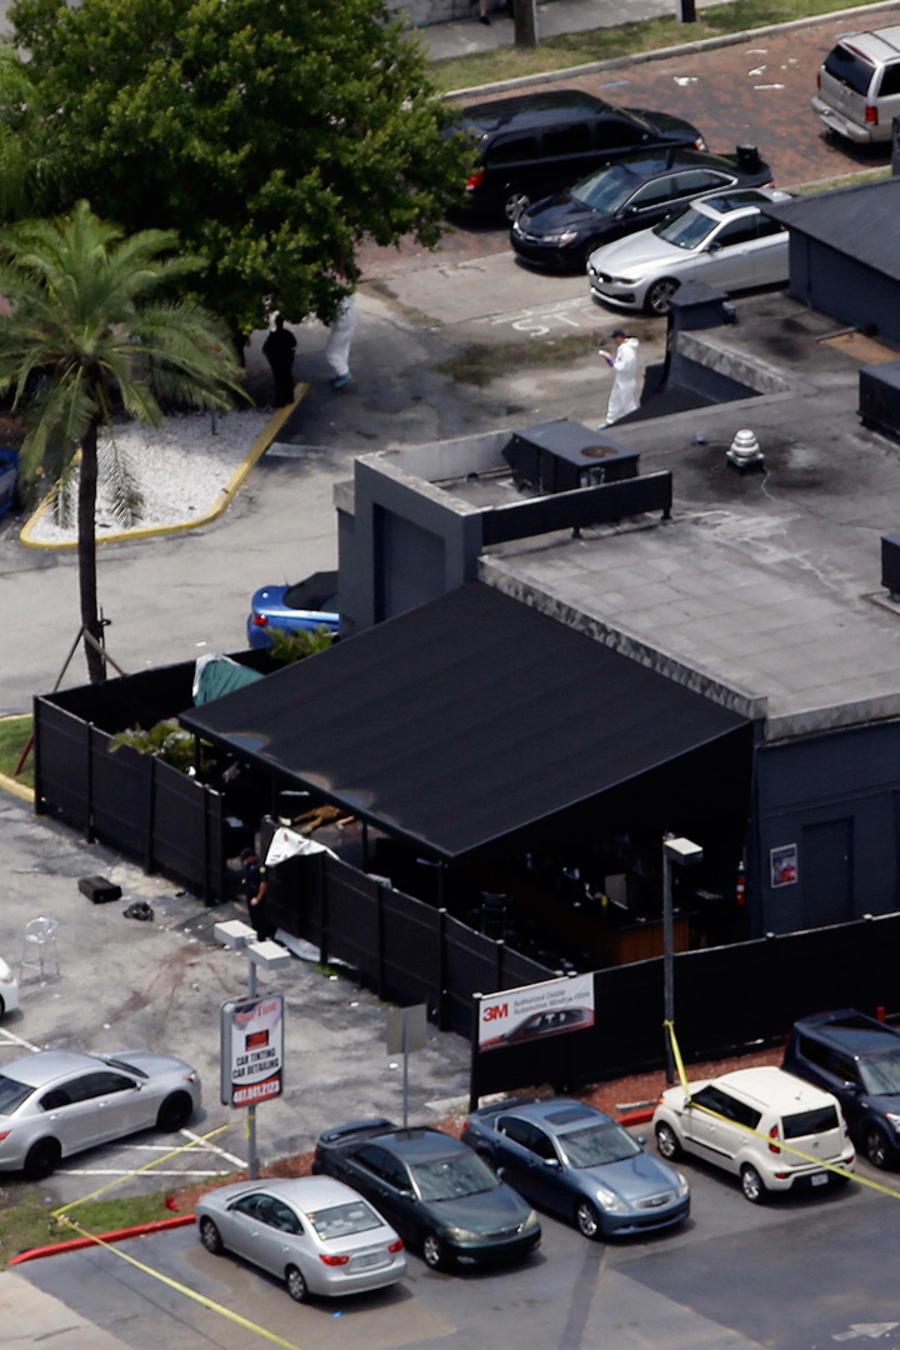 Club Pulse escenario de masacre en Orlando el 12 de Junio del 2016